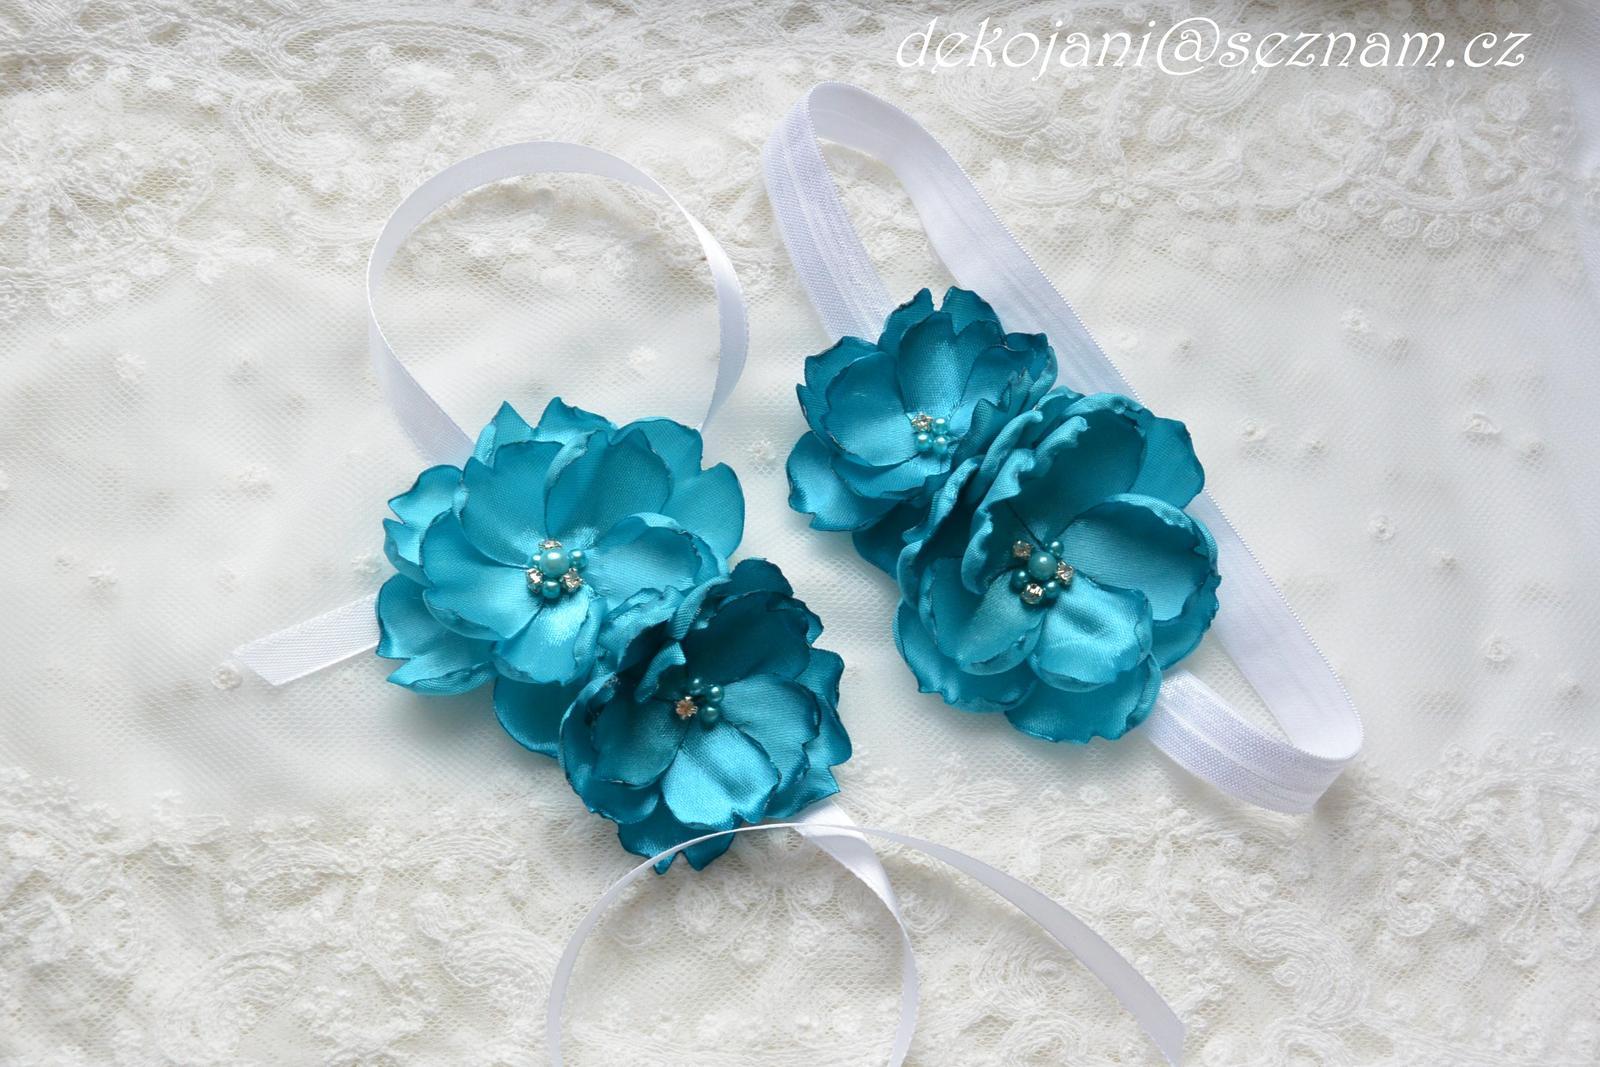 Čelenky, květiny do vlasů, náramky, obojek pro pejska... - Obrázek č. 5